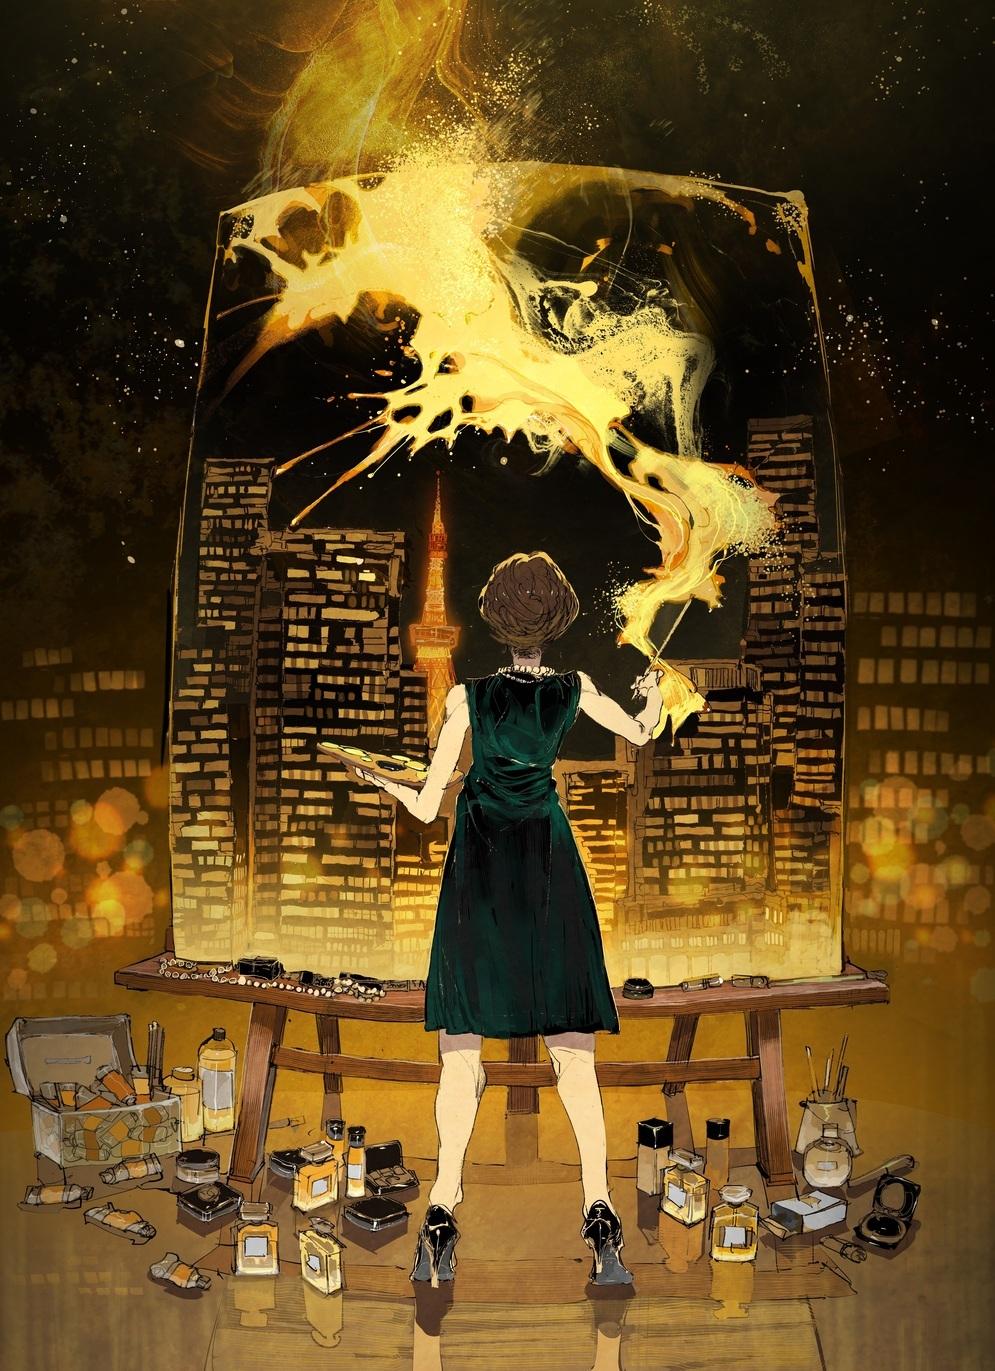 シャネルが気鋭の漫画家とコラボレーション!「MIROIRS - Manga meets CHANEL」_1_1